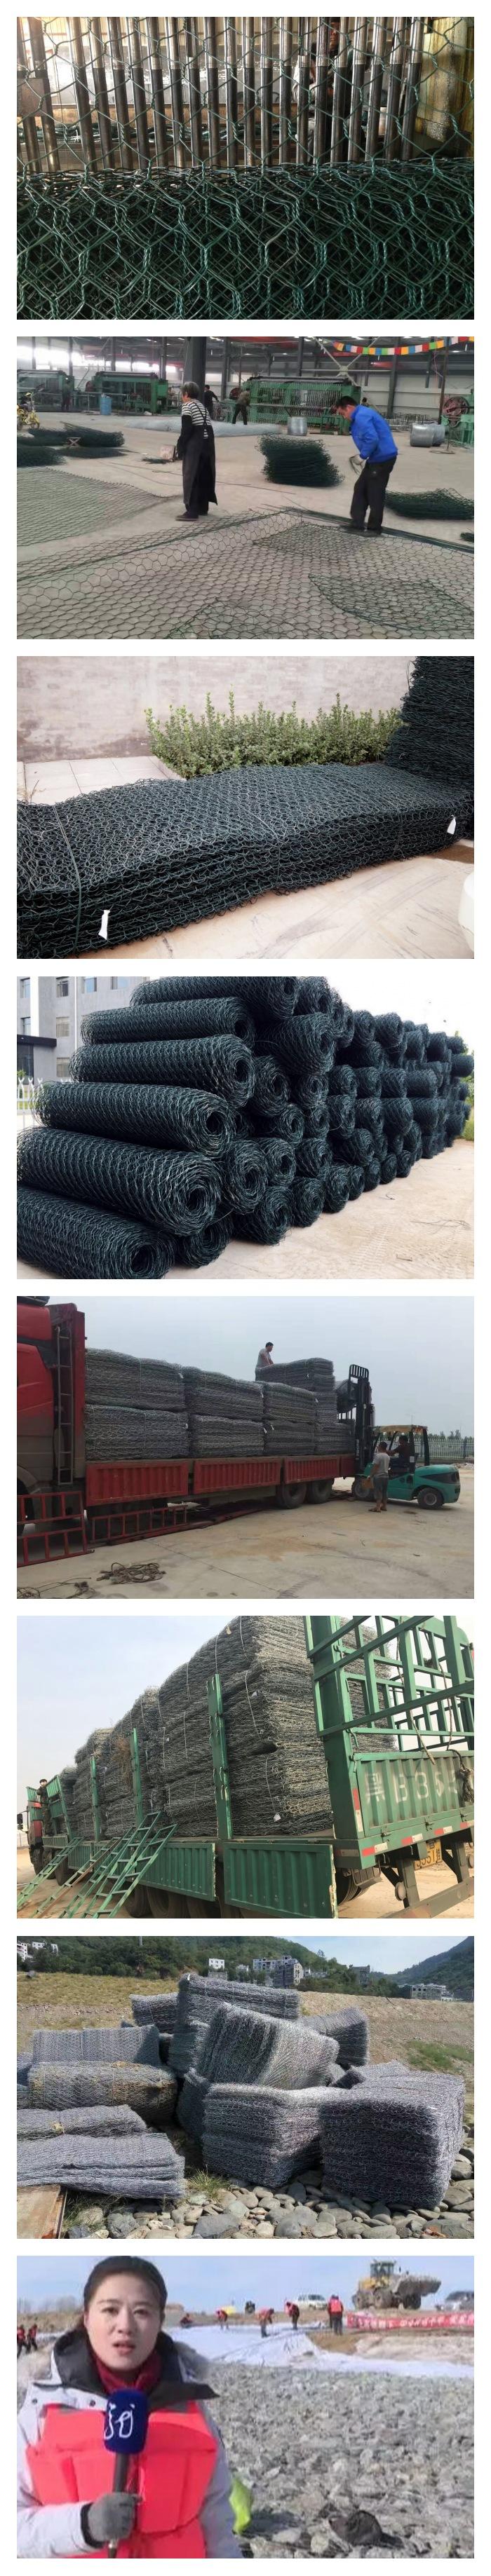 生产格网生产发货流程